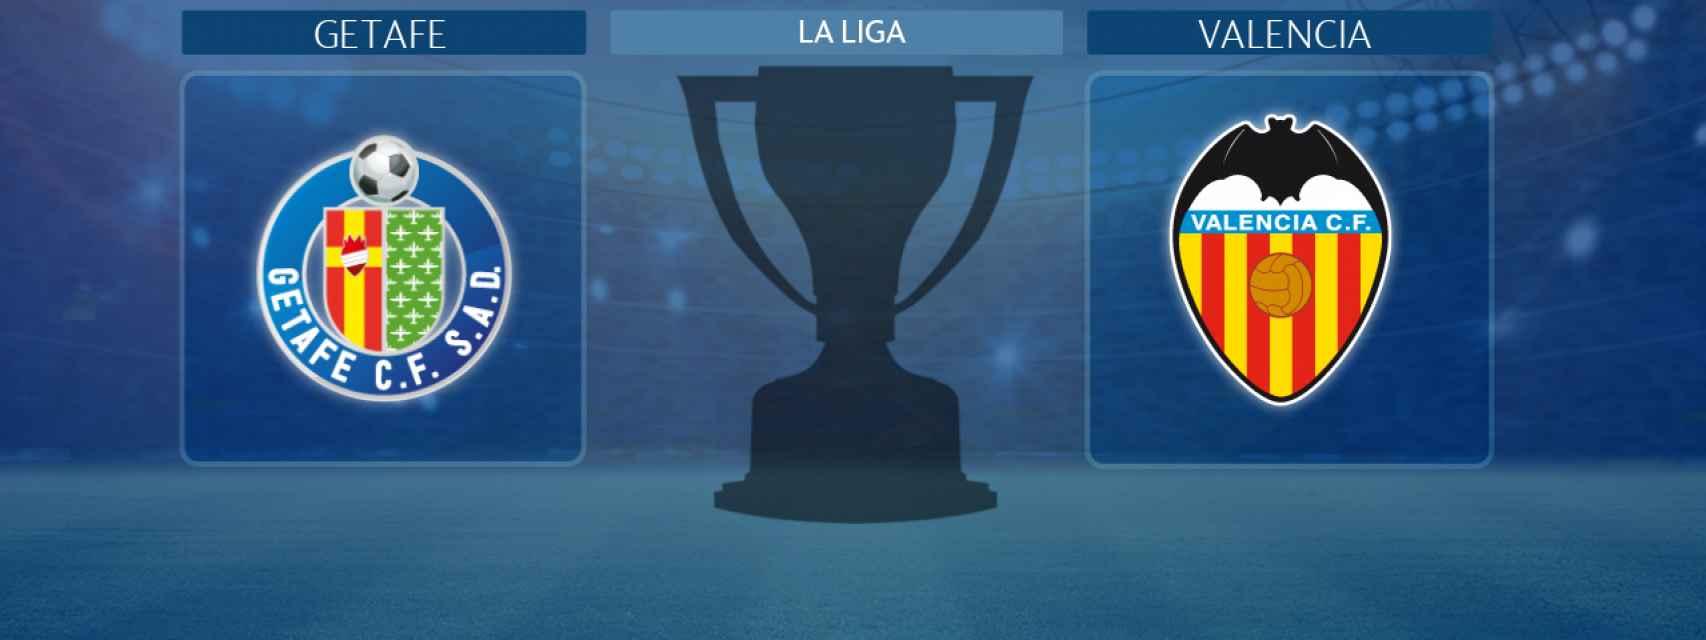 Getafe - Valencia, partido de La Liga